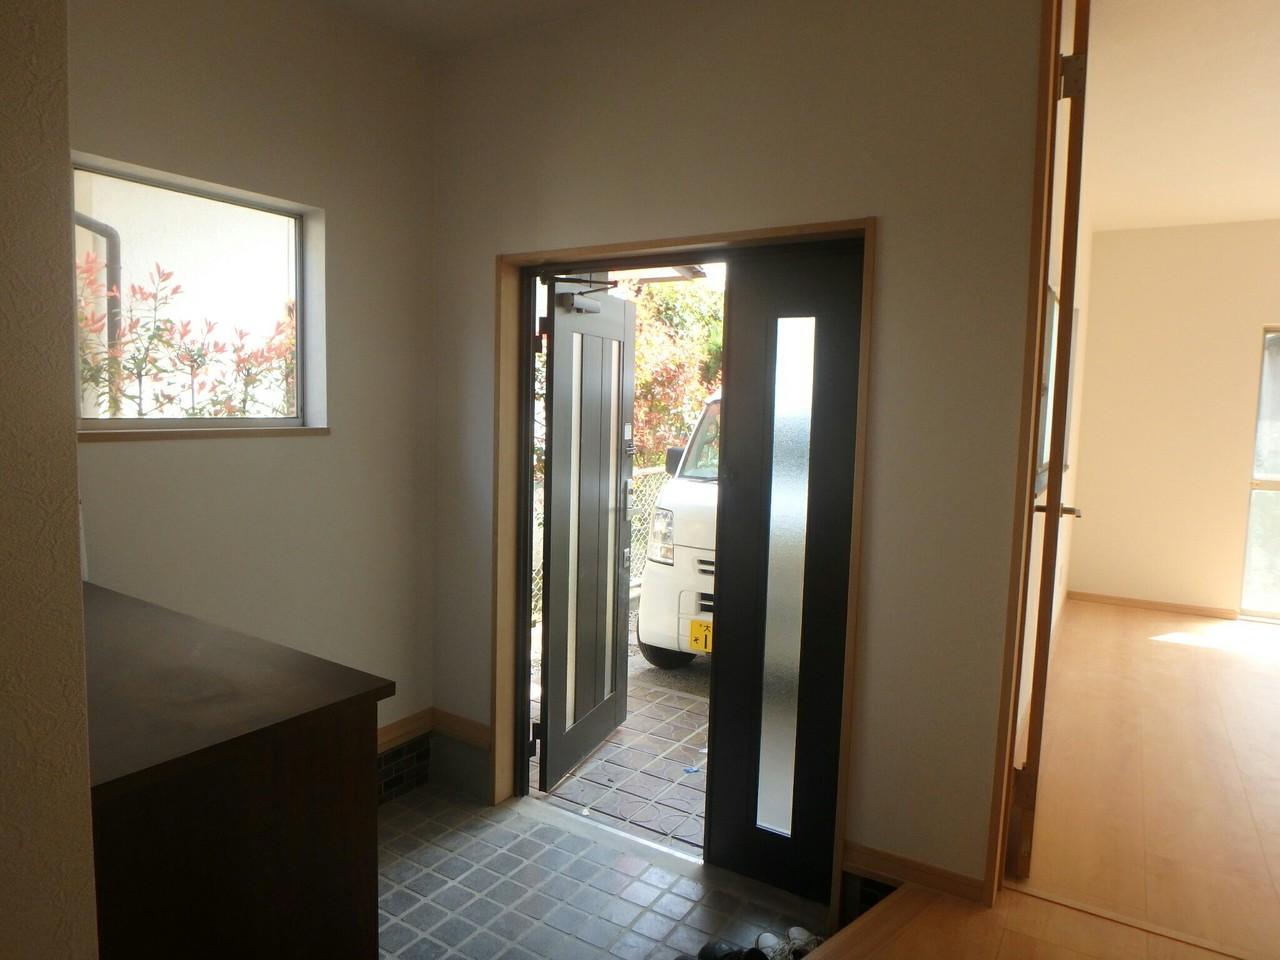 リフォームして新しいお家に生まれ変わります。 平成30年1月完成予定です♪